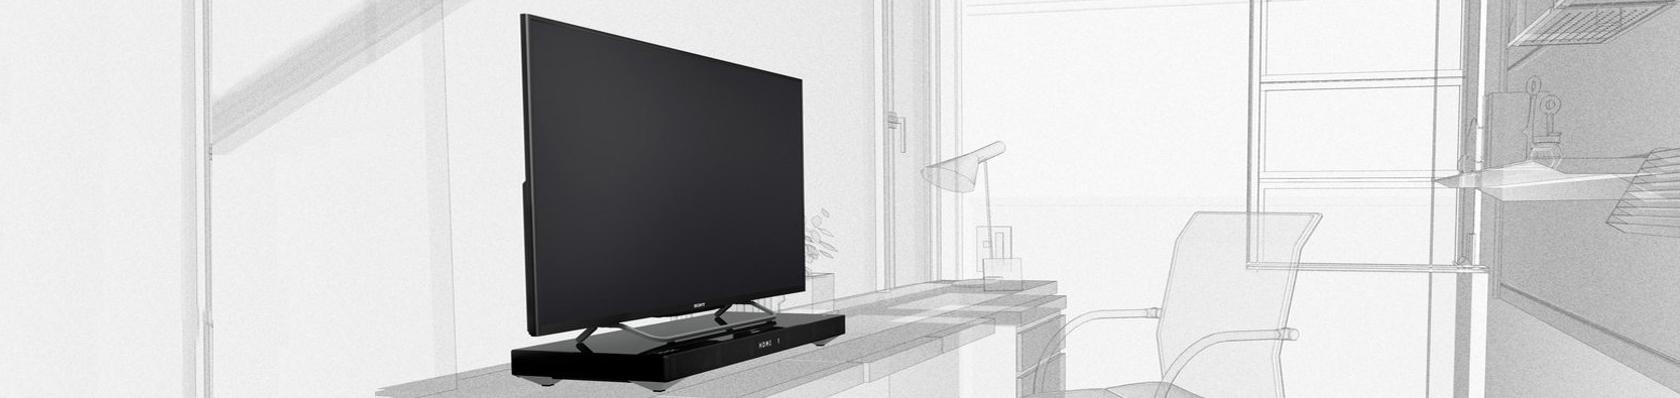 Fernseher im Test auf ExpertenTesten.de